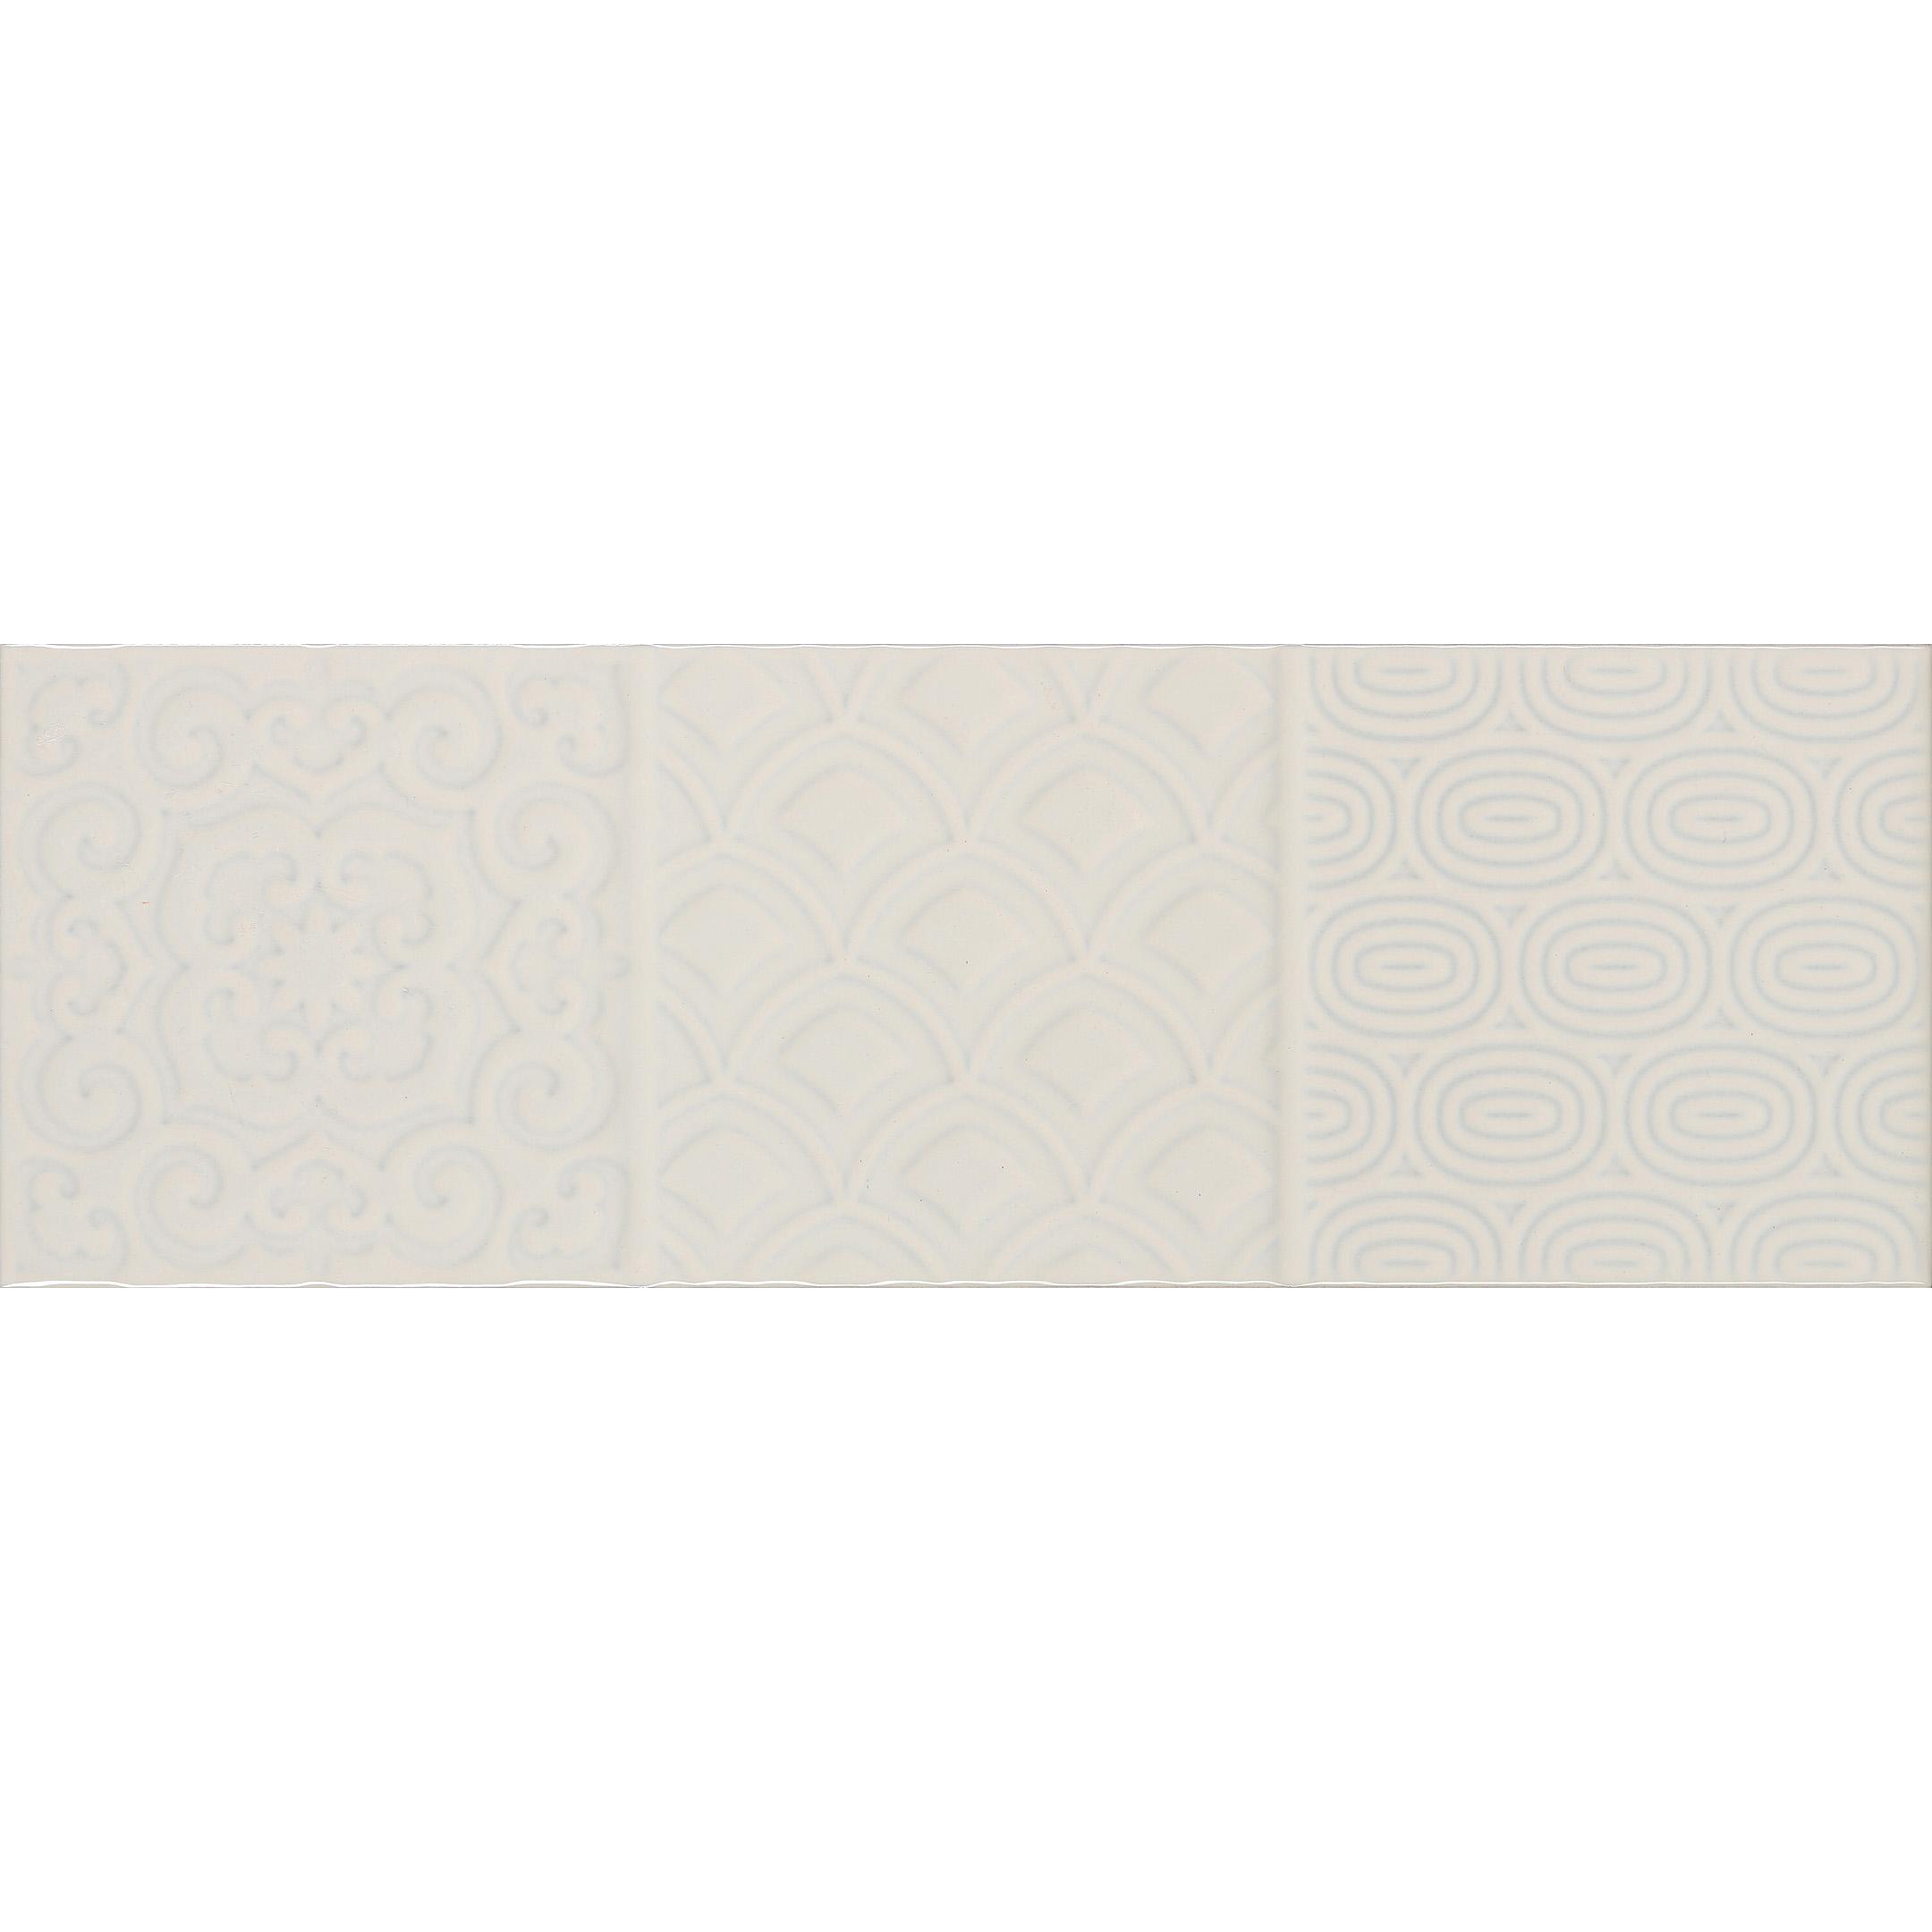 Плитка облицовочная Monopole Esencia relieve crema brillo микс из 6 плиток 100x300x8 мм (34 шт.=1,02 кв.м)